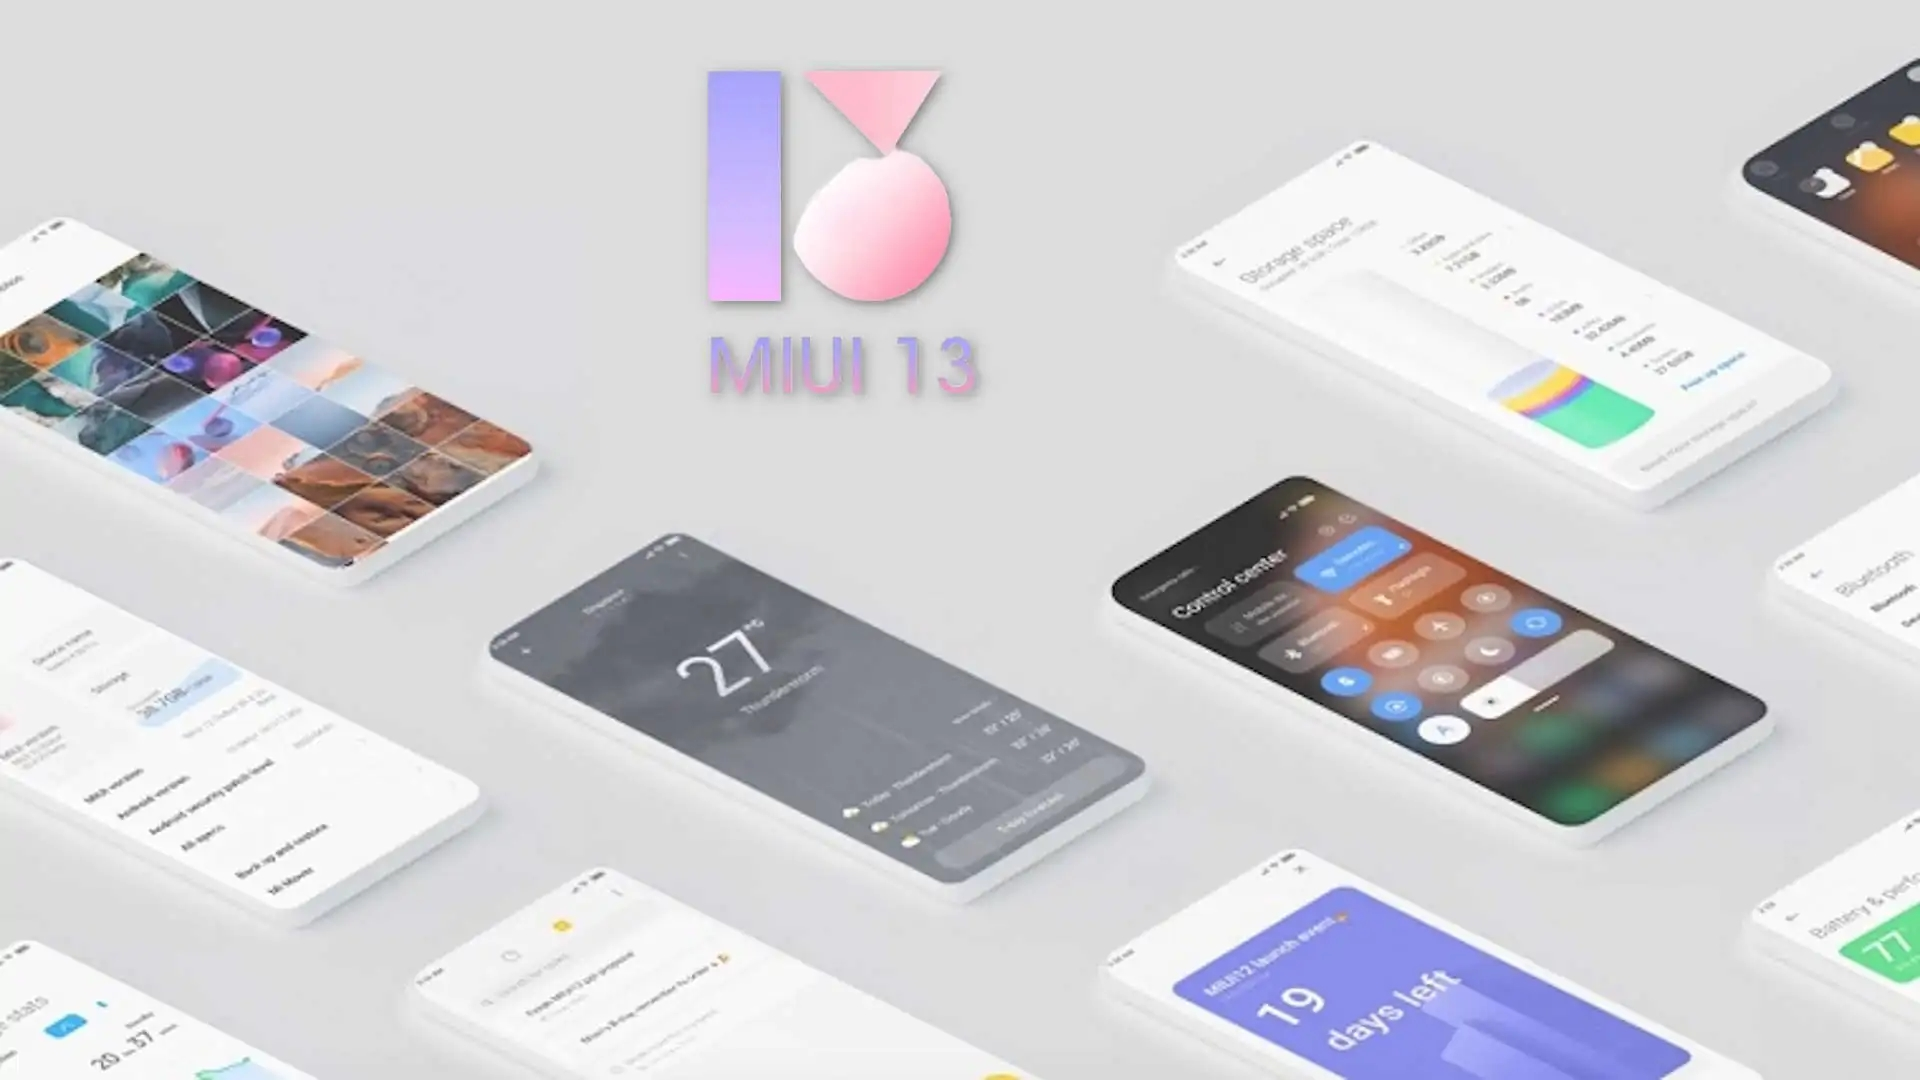 MIUI 13 logo